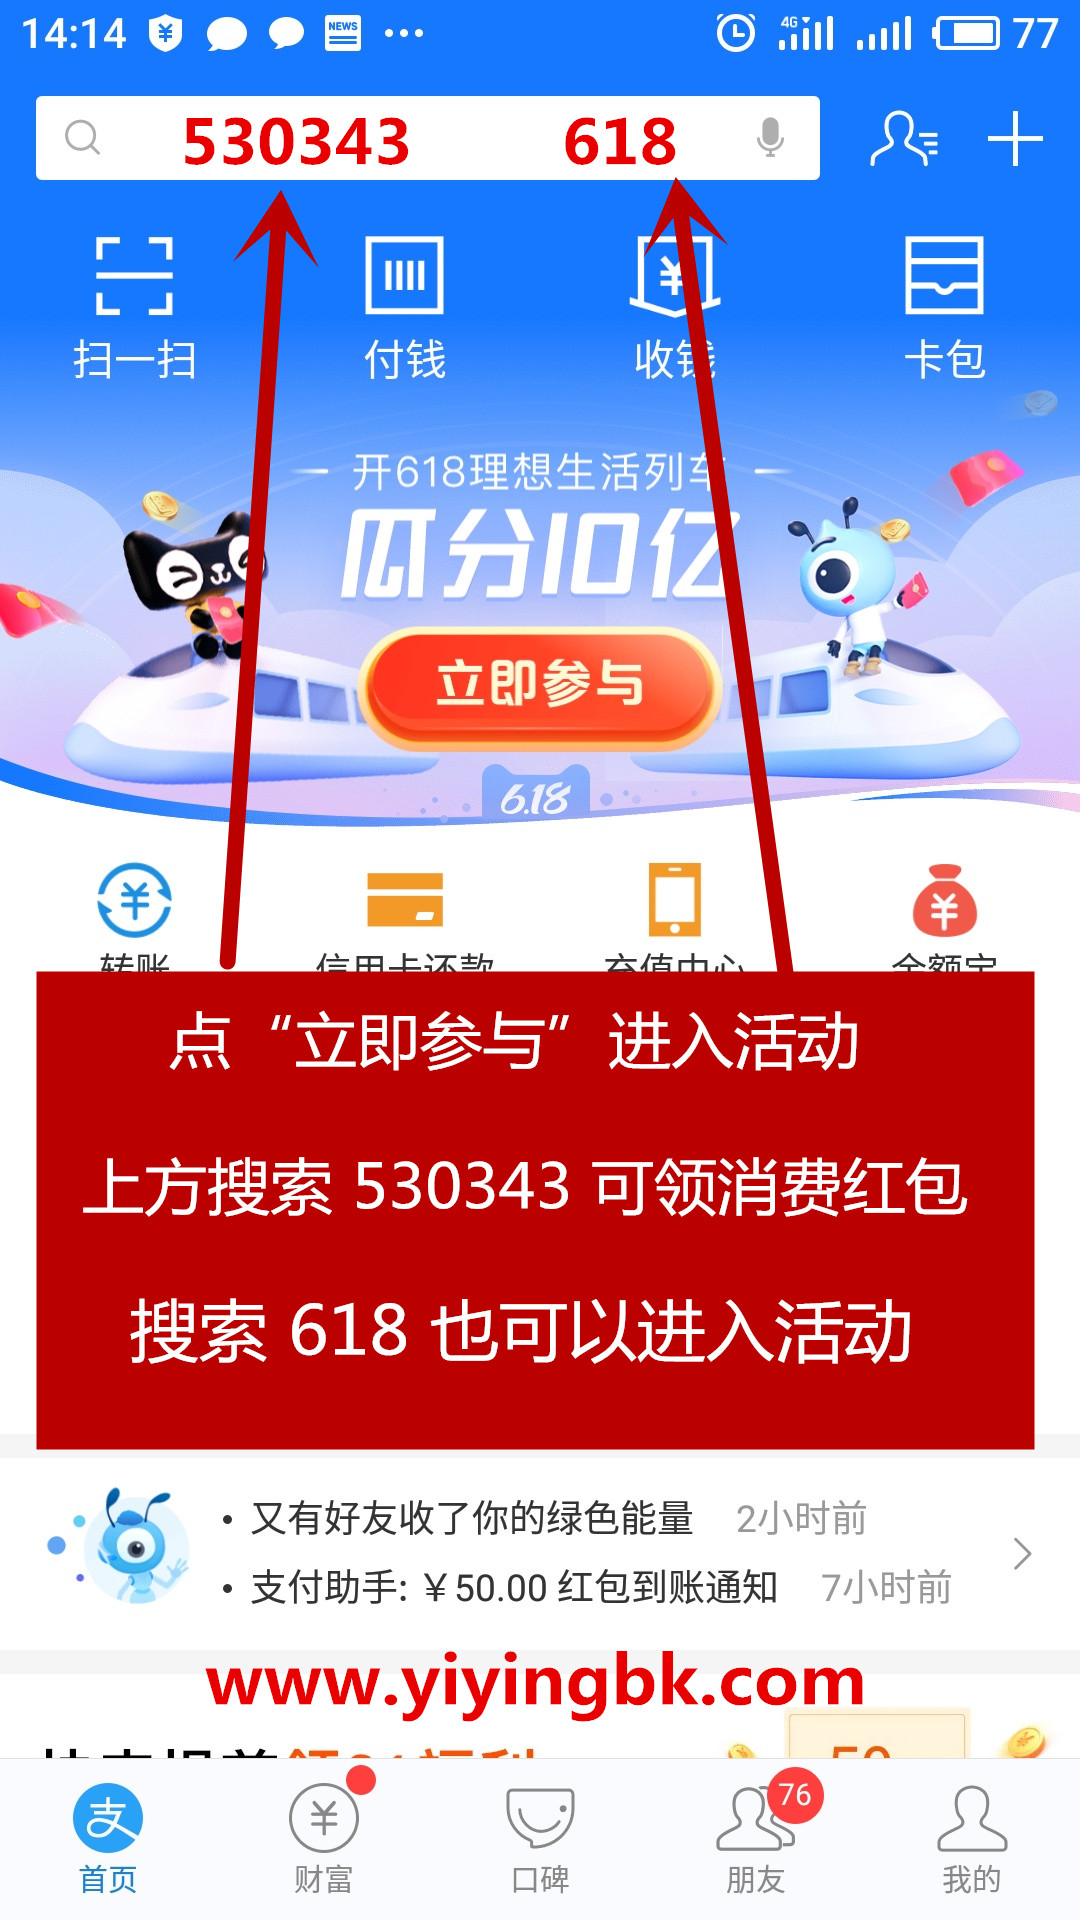 开618理想生活列车,寻味中国,瓜分10亿红包!